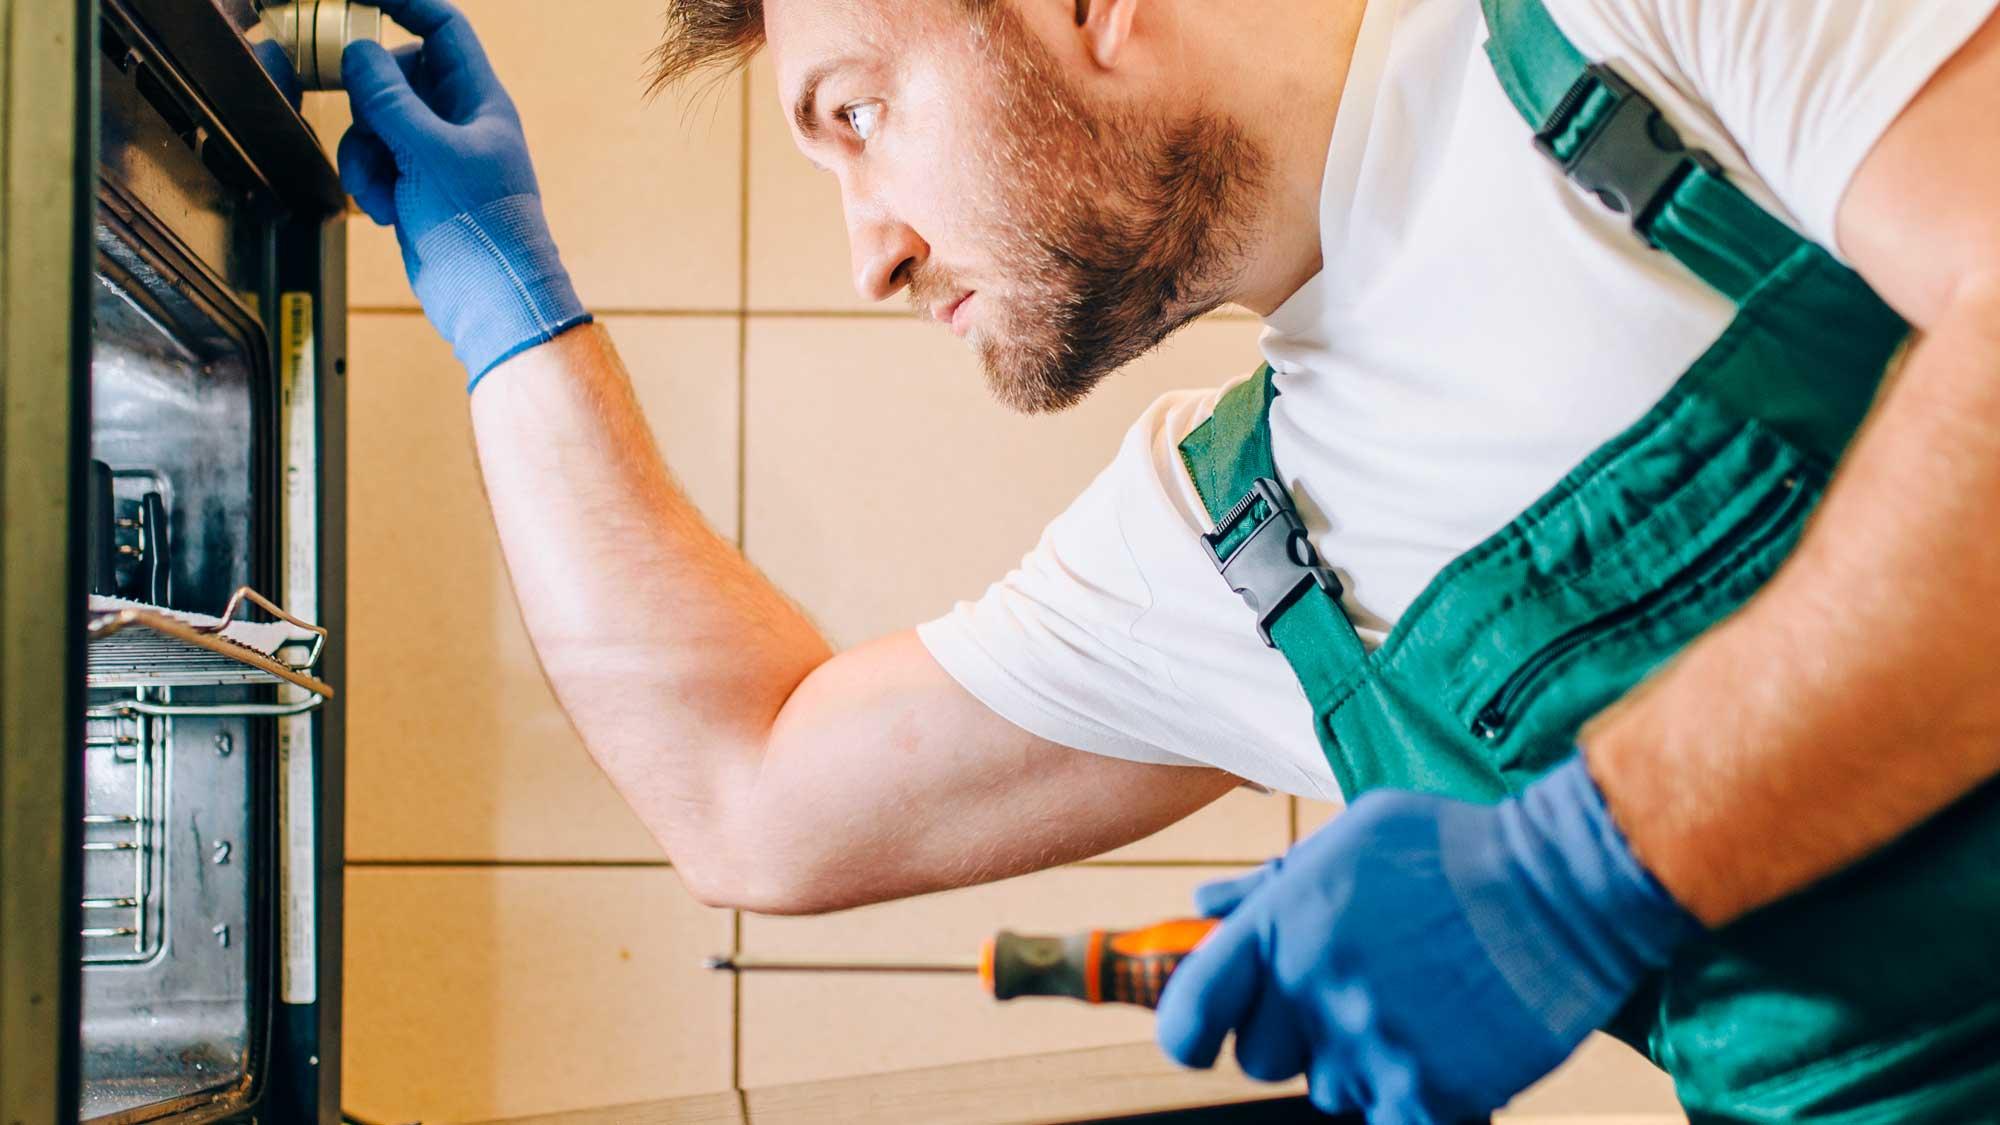 montaggio forno cucina